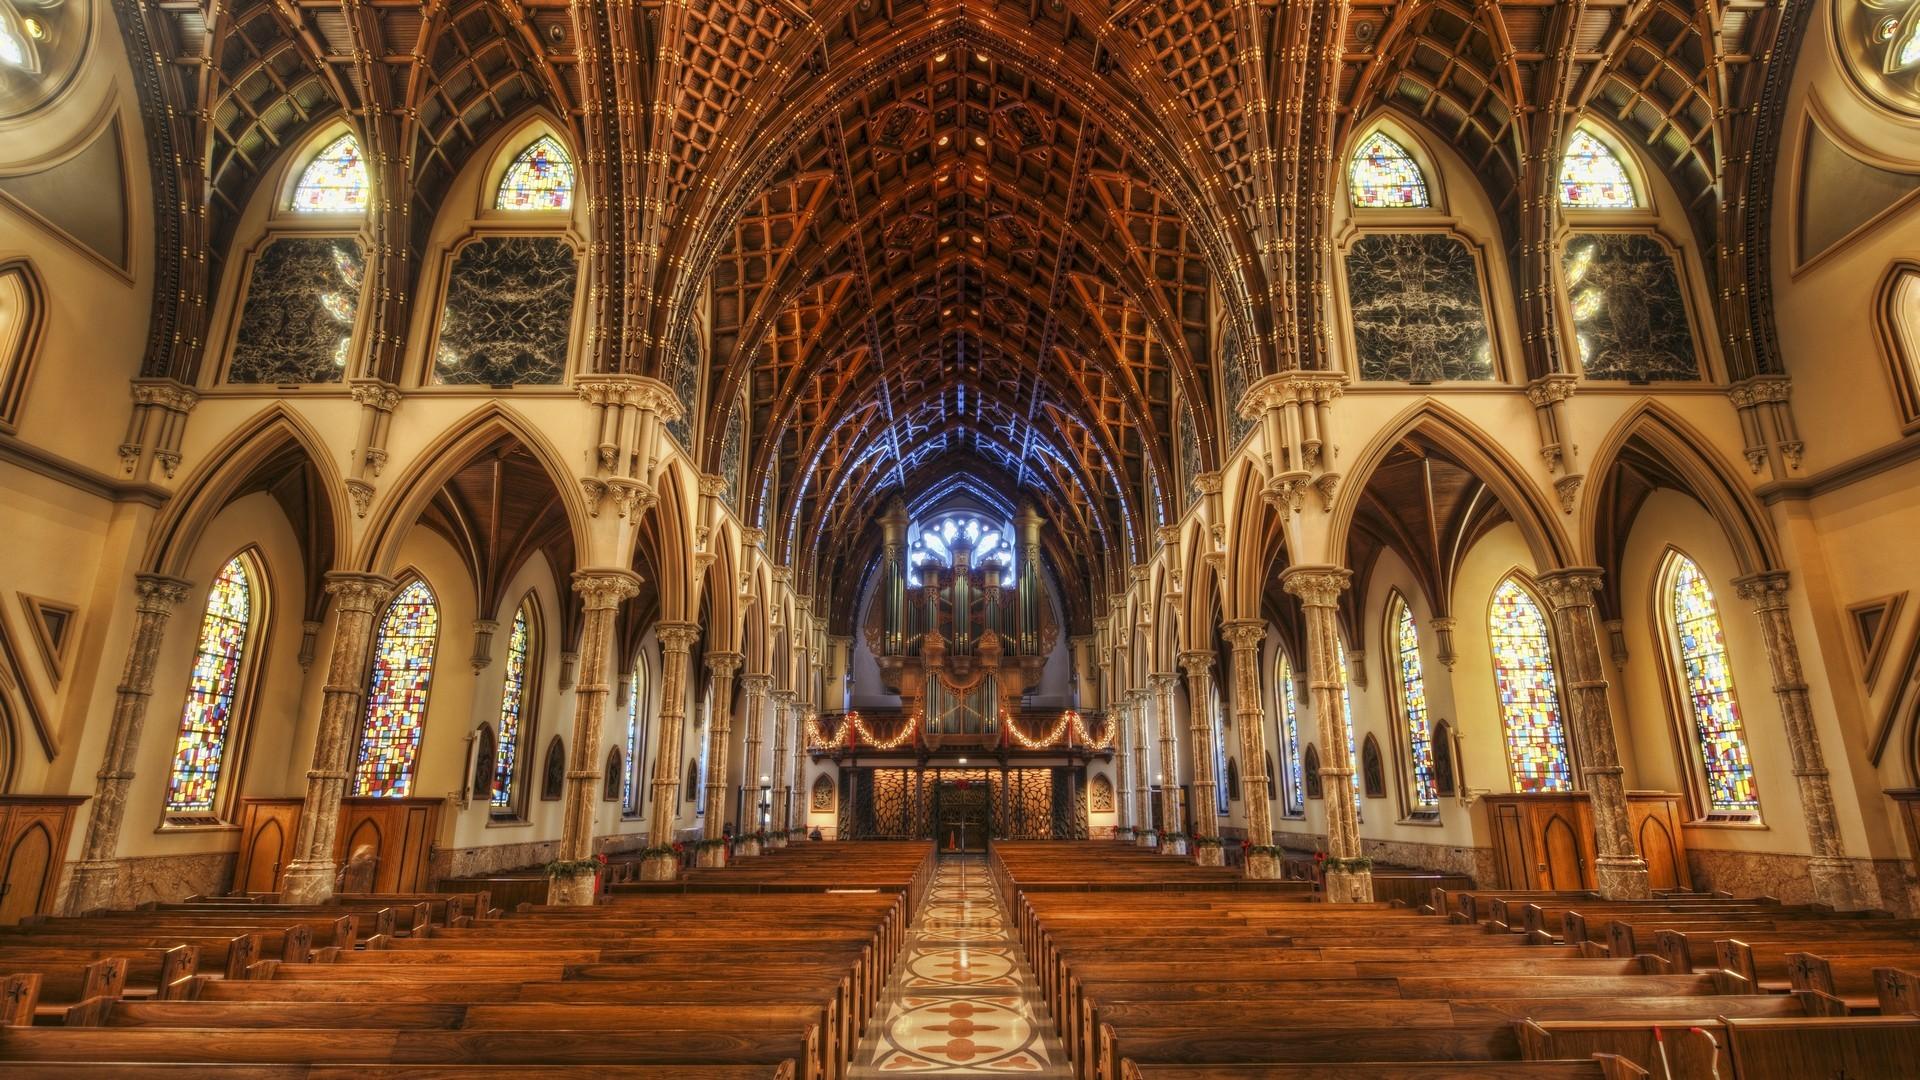 Sfondi costruzione simmetria in casa hdr chiesa for Casa di architettura gotica